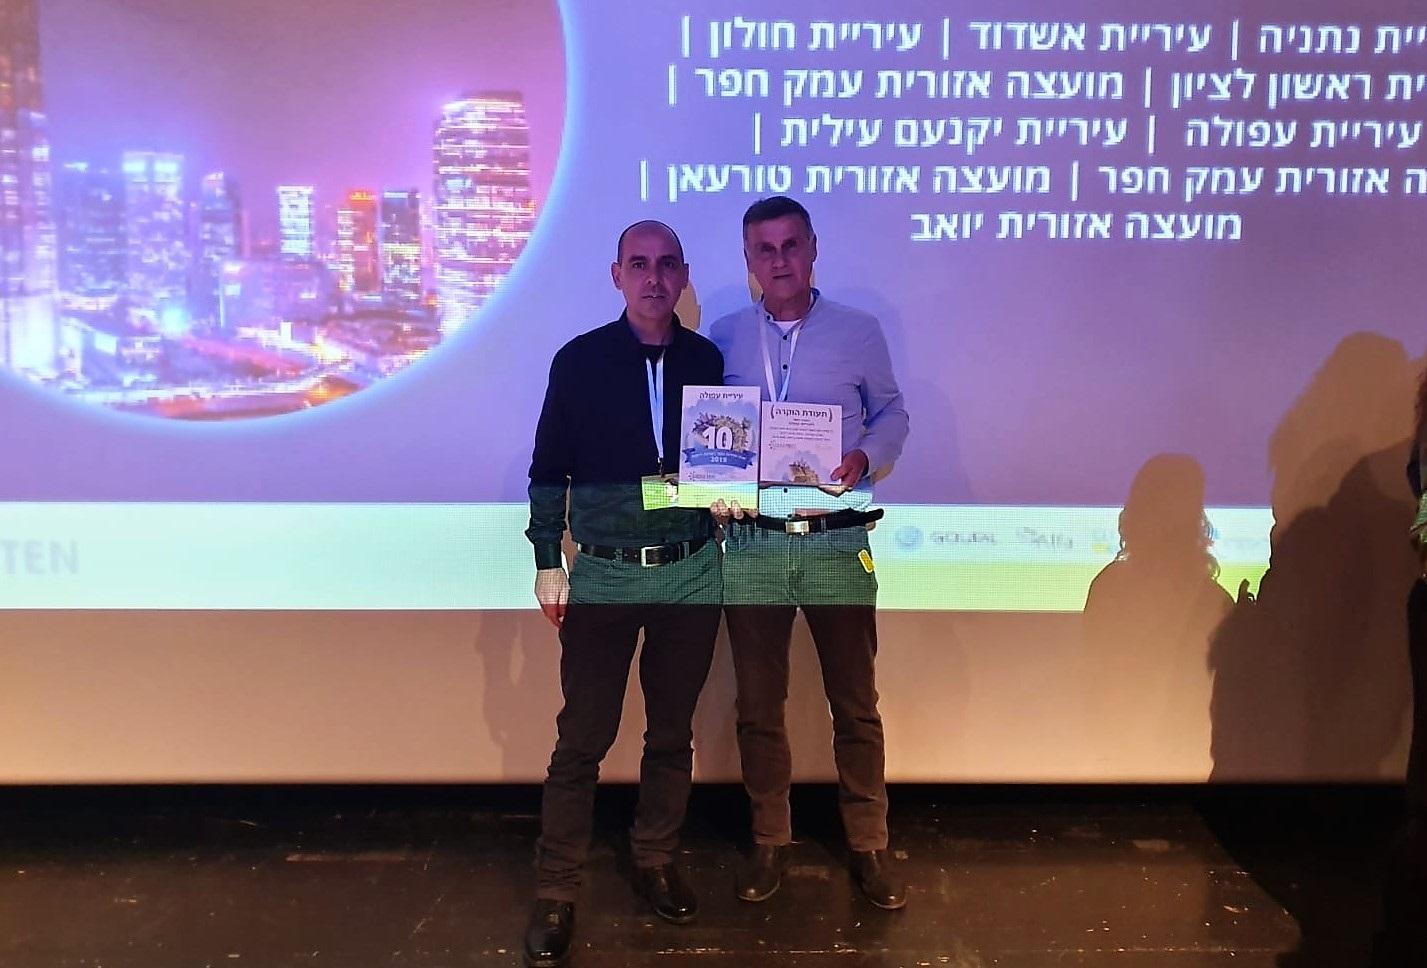 עפולה נבחרה לאחת מעשר הערים הירוקות בישראל